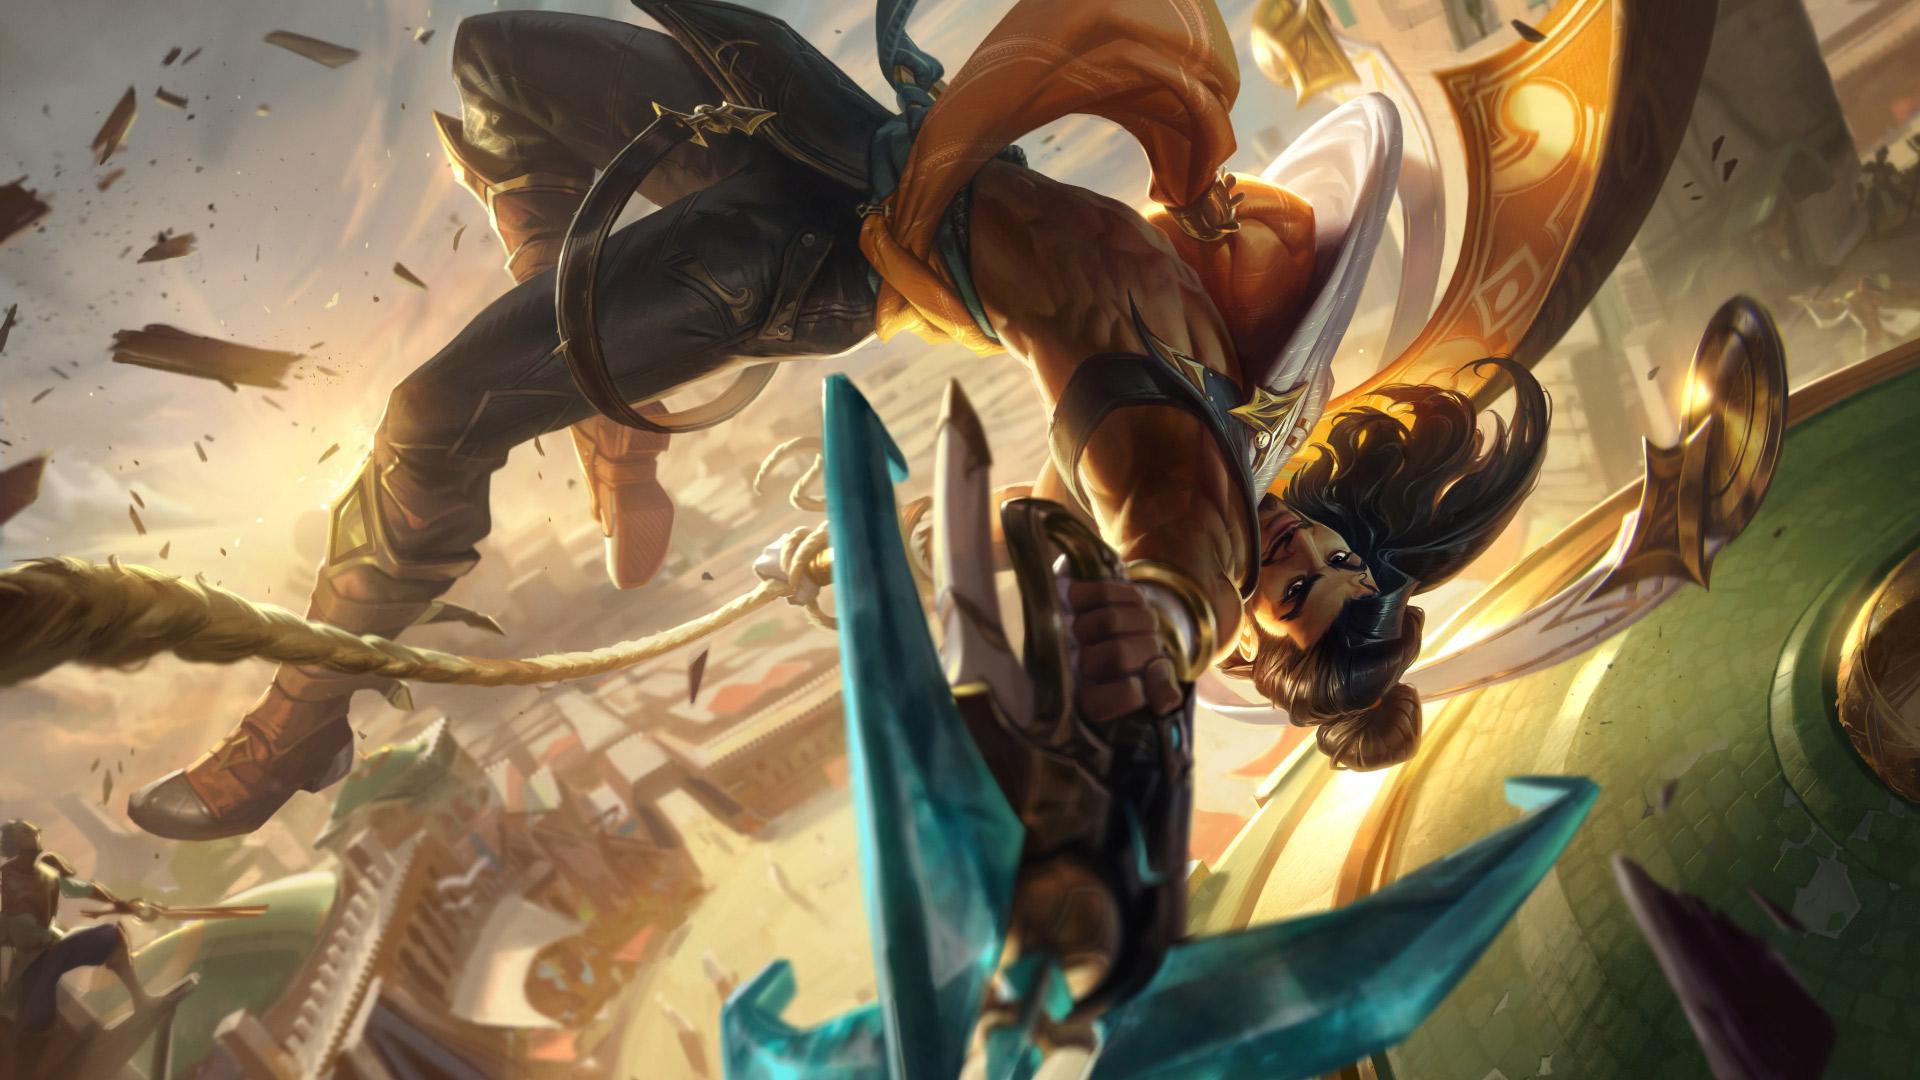 Akshan Çıktı, Tüm Bilinenler ve Detaylar   League of Legends